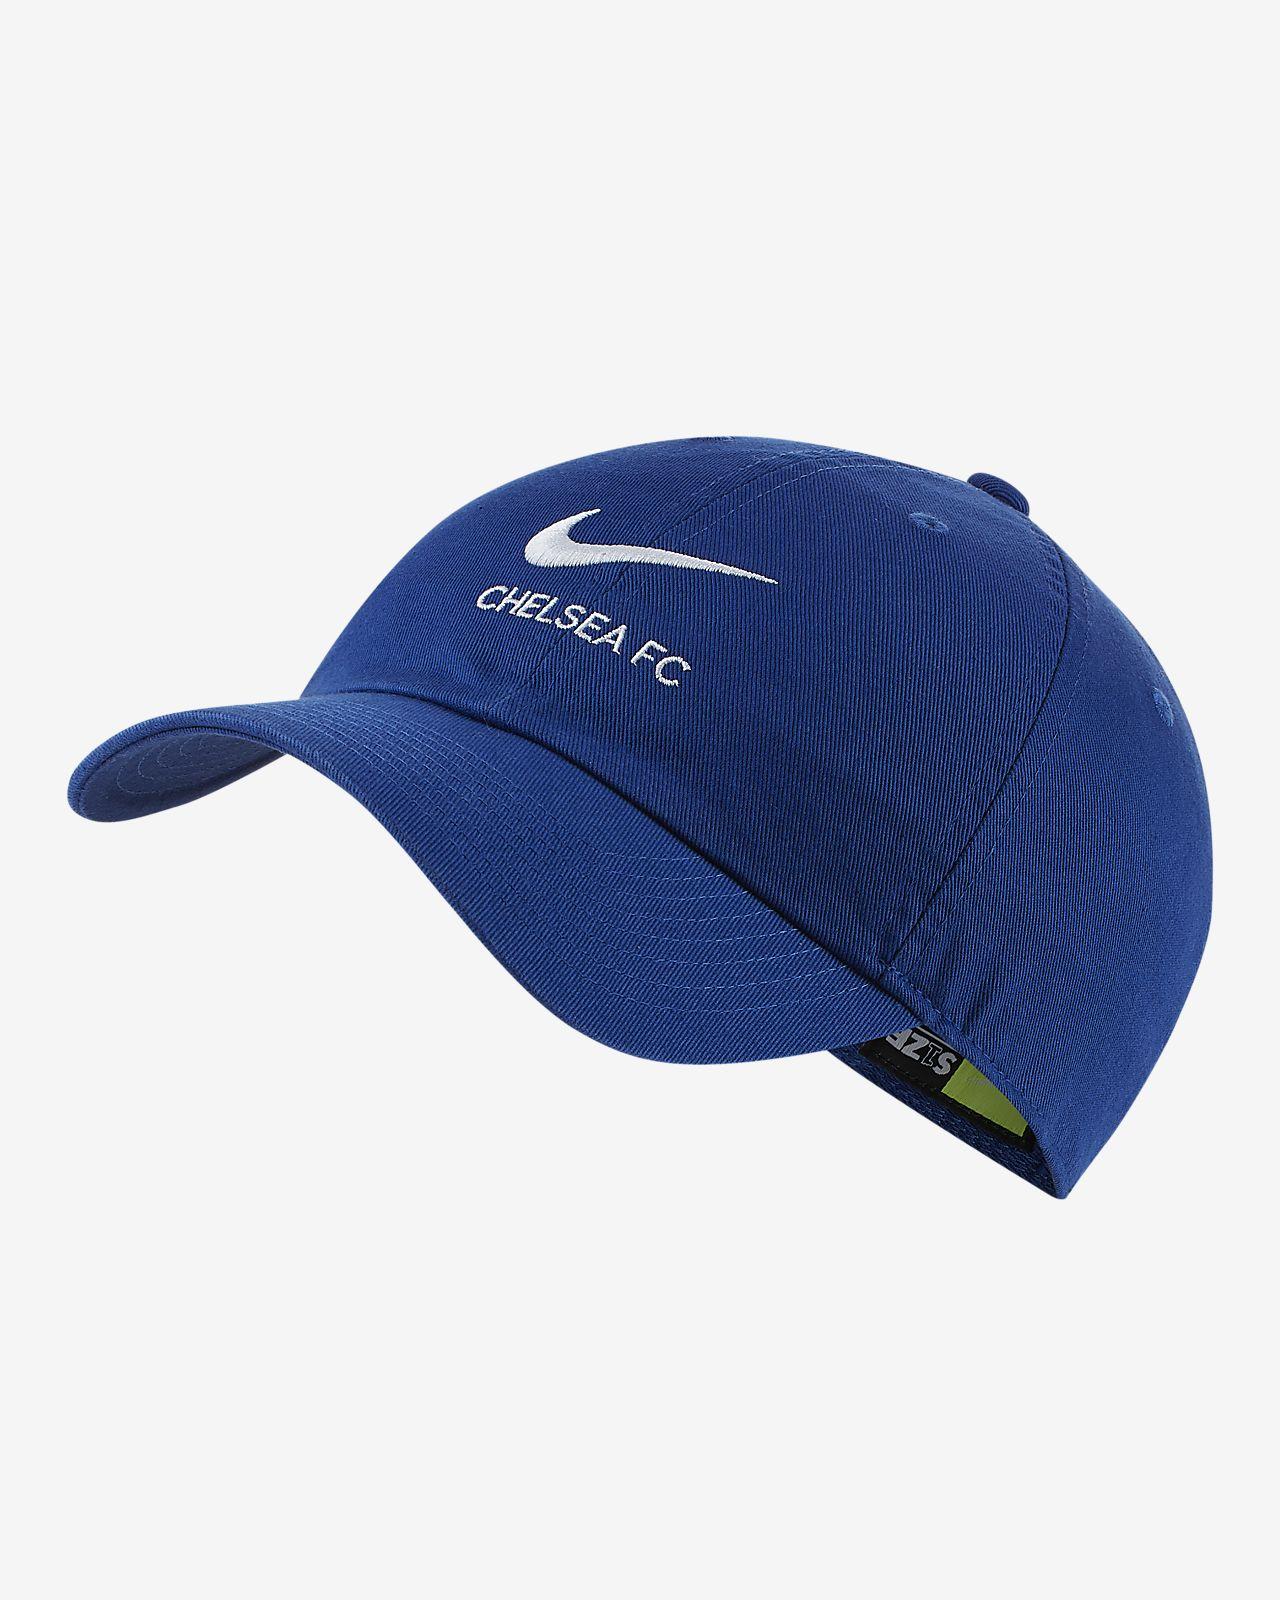 0cd07b8dbc8 Chelsea FC Heritage86 Adjustable Hat. Nike.com GB